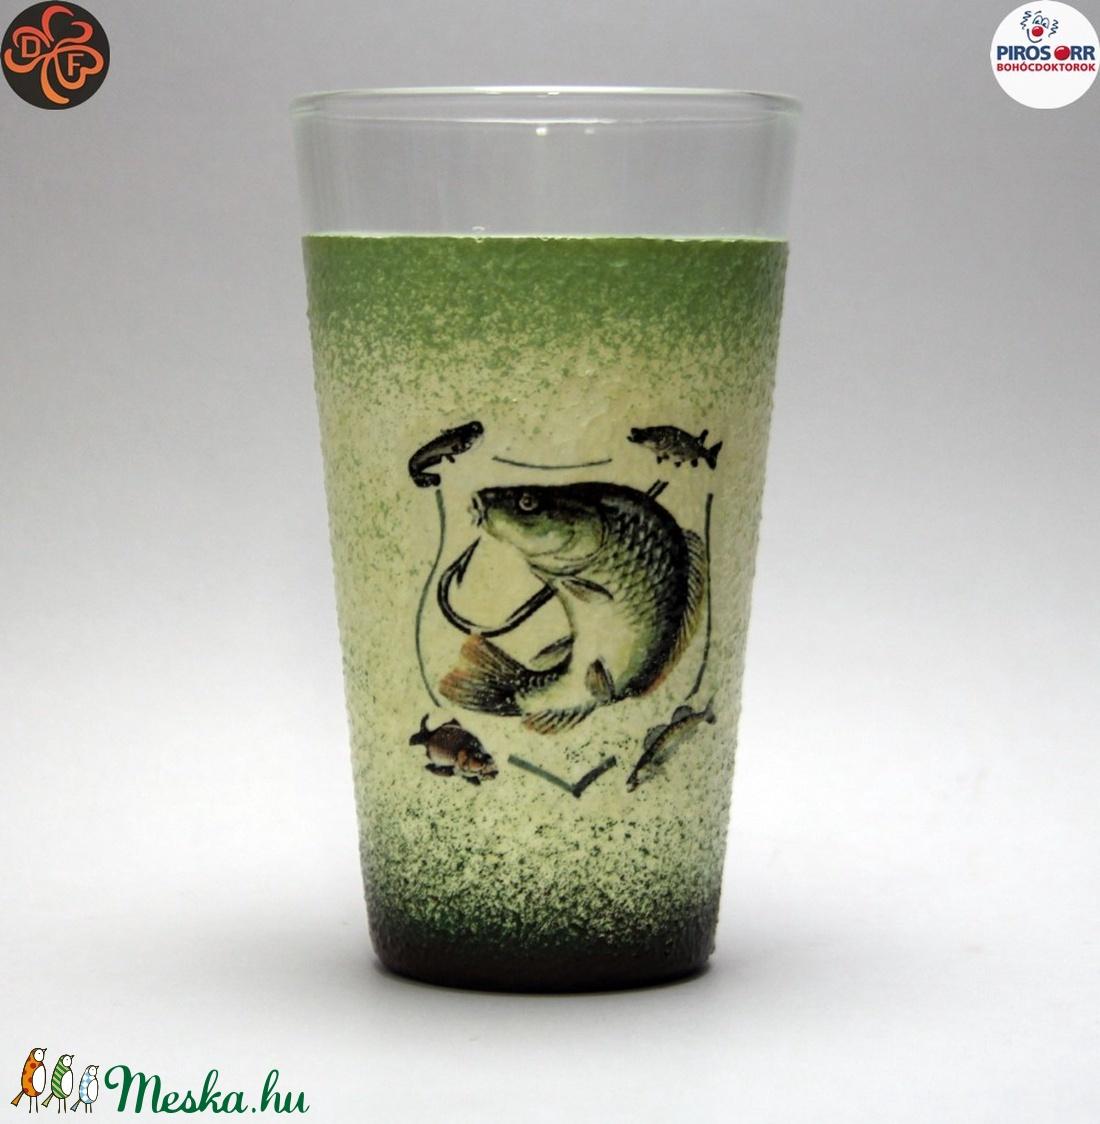 Horgász- hal motívummal díszített -vizes pohár (0,3 l) . A horgászat szerelmeseinek . Saját fogások fotóival is ! - Meska.hu